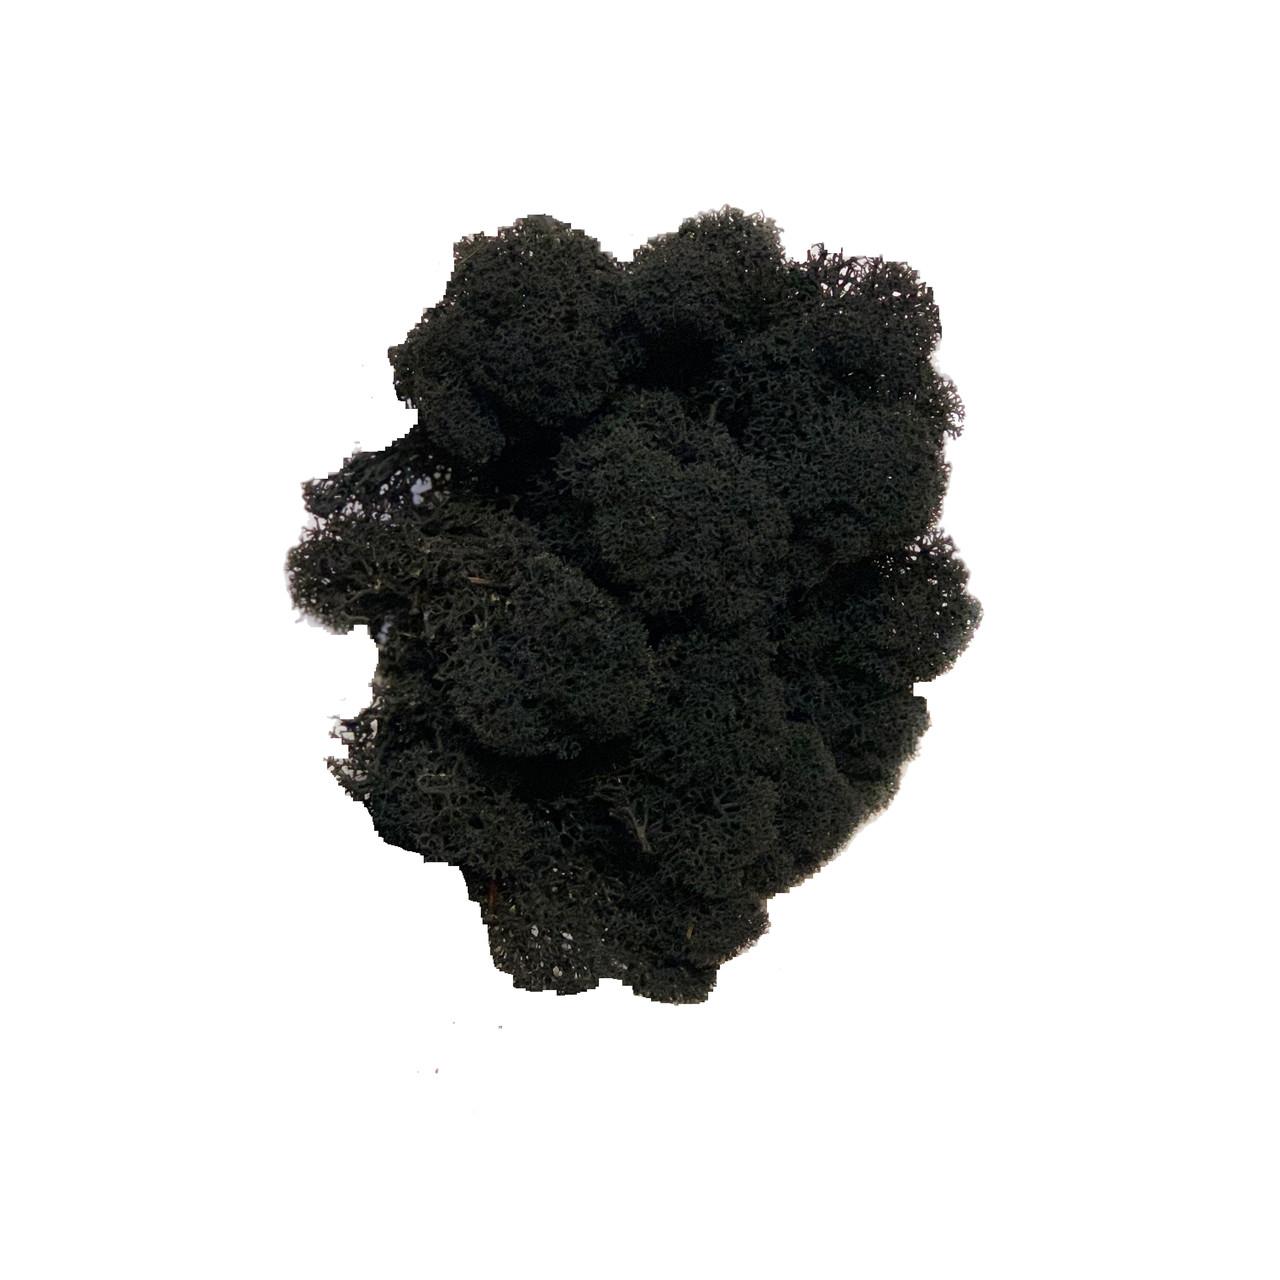 Очищений стабилизированный мох Green Ecco Moss cкандинавский ягель Black 4 кг